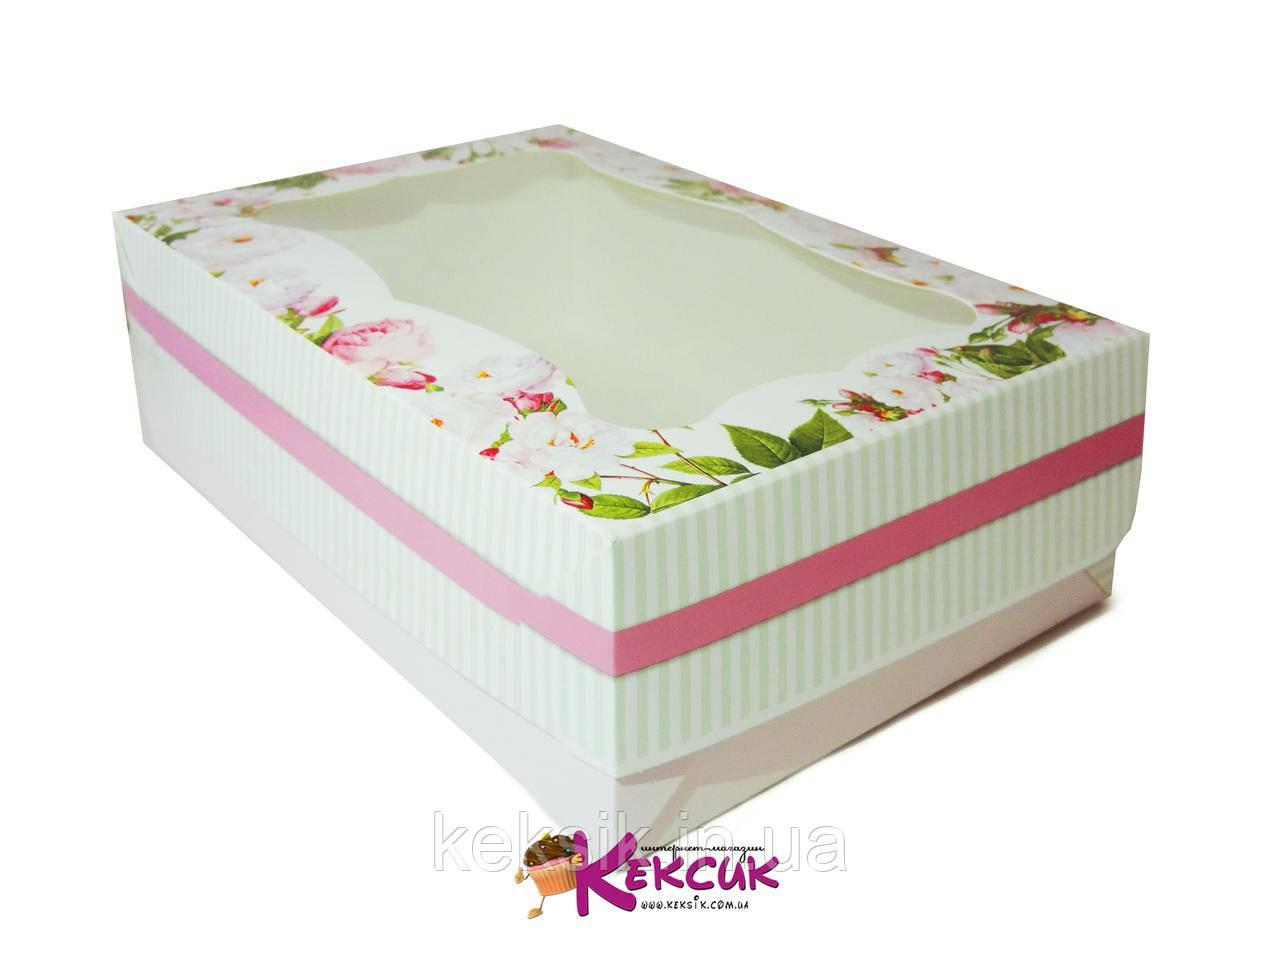 Коробка для пирожного и зефира с окошком 25*17*8 см Цвет яблони